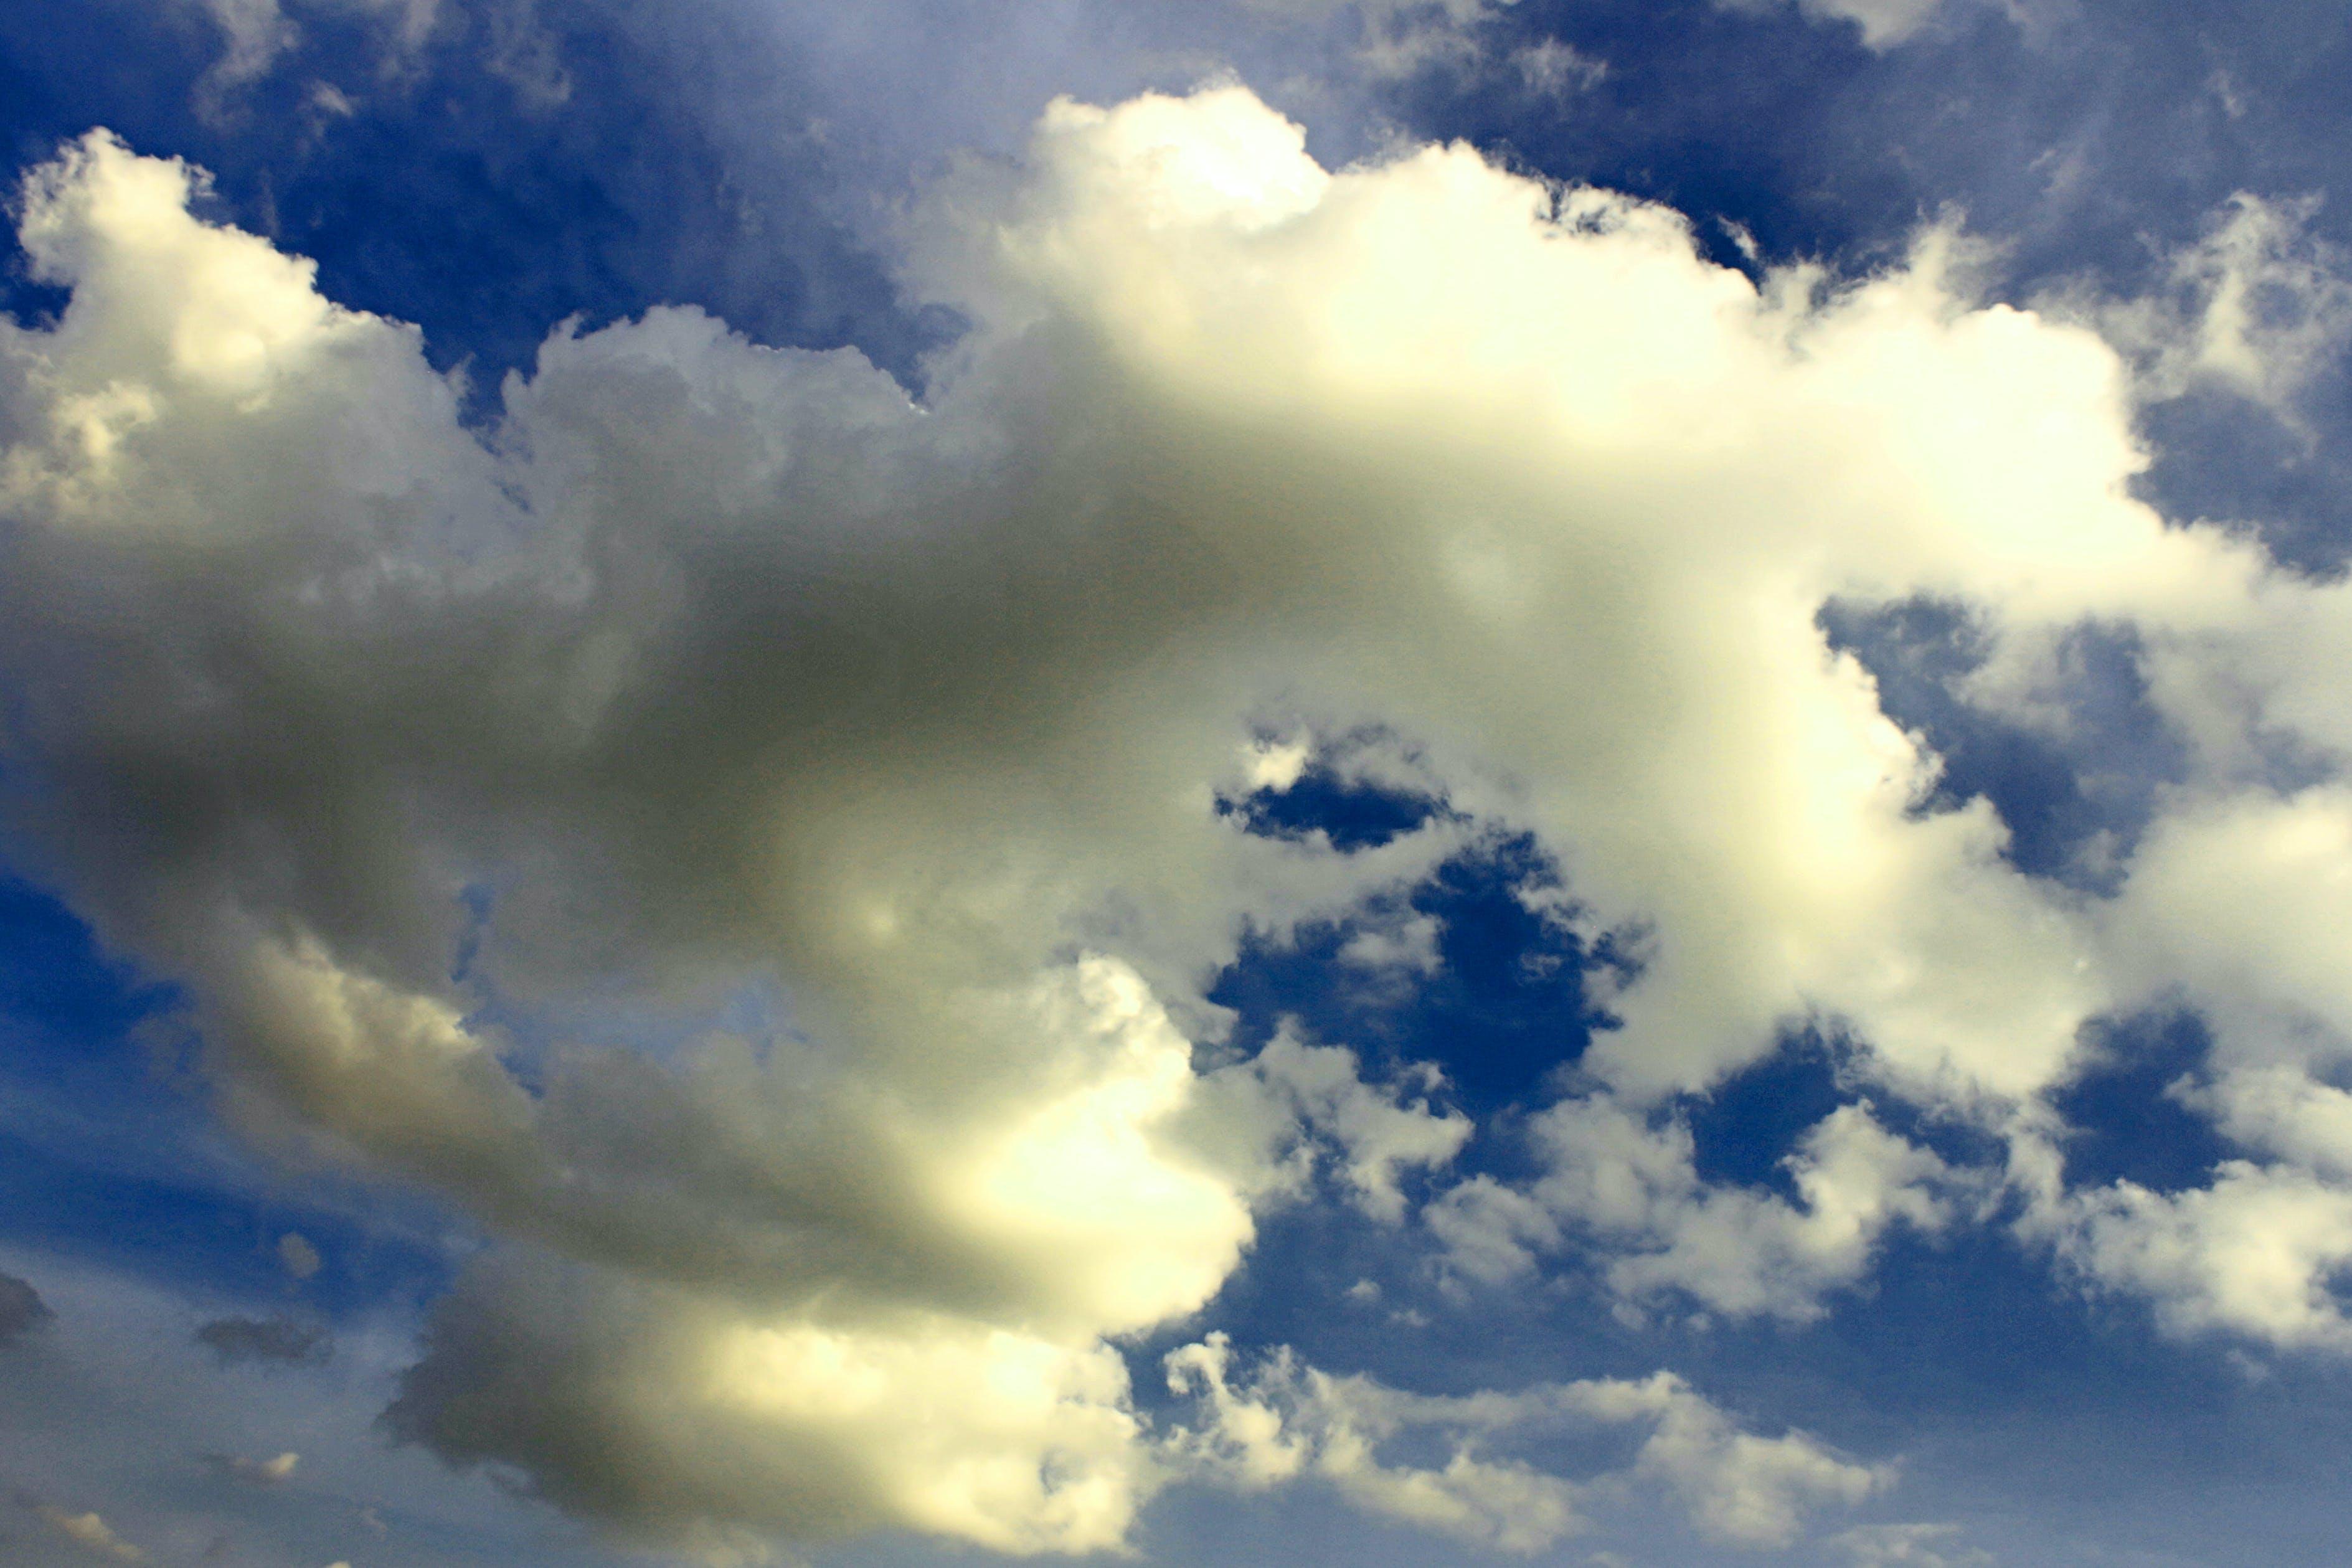 Δωρεάν στοκ φωτογραφιών με αίθριος καιρός, γαλάζιος ουρανός, ημέρα, όμορφος